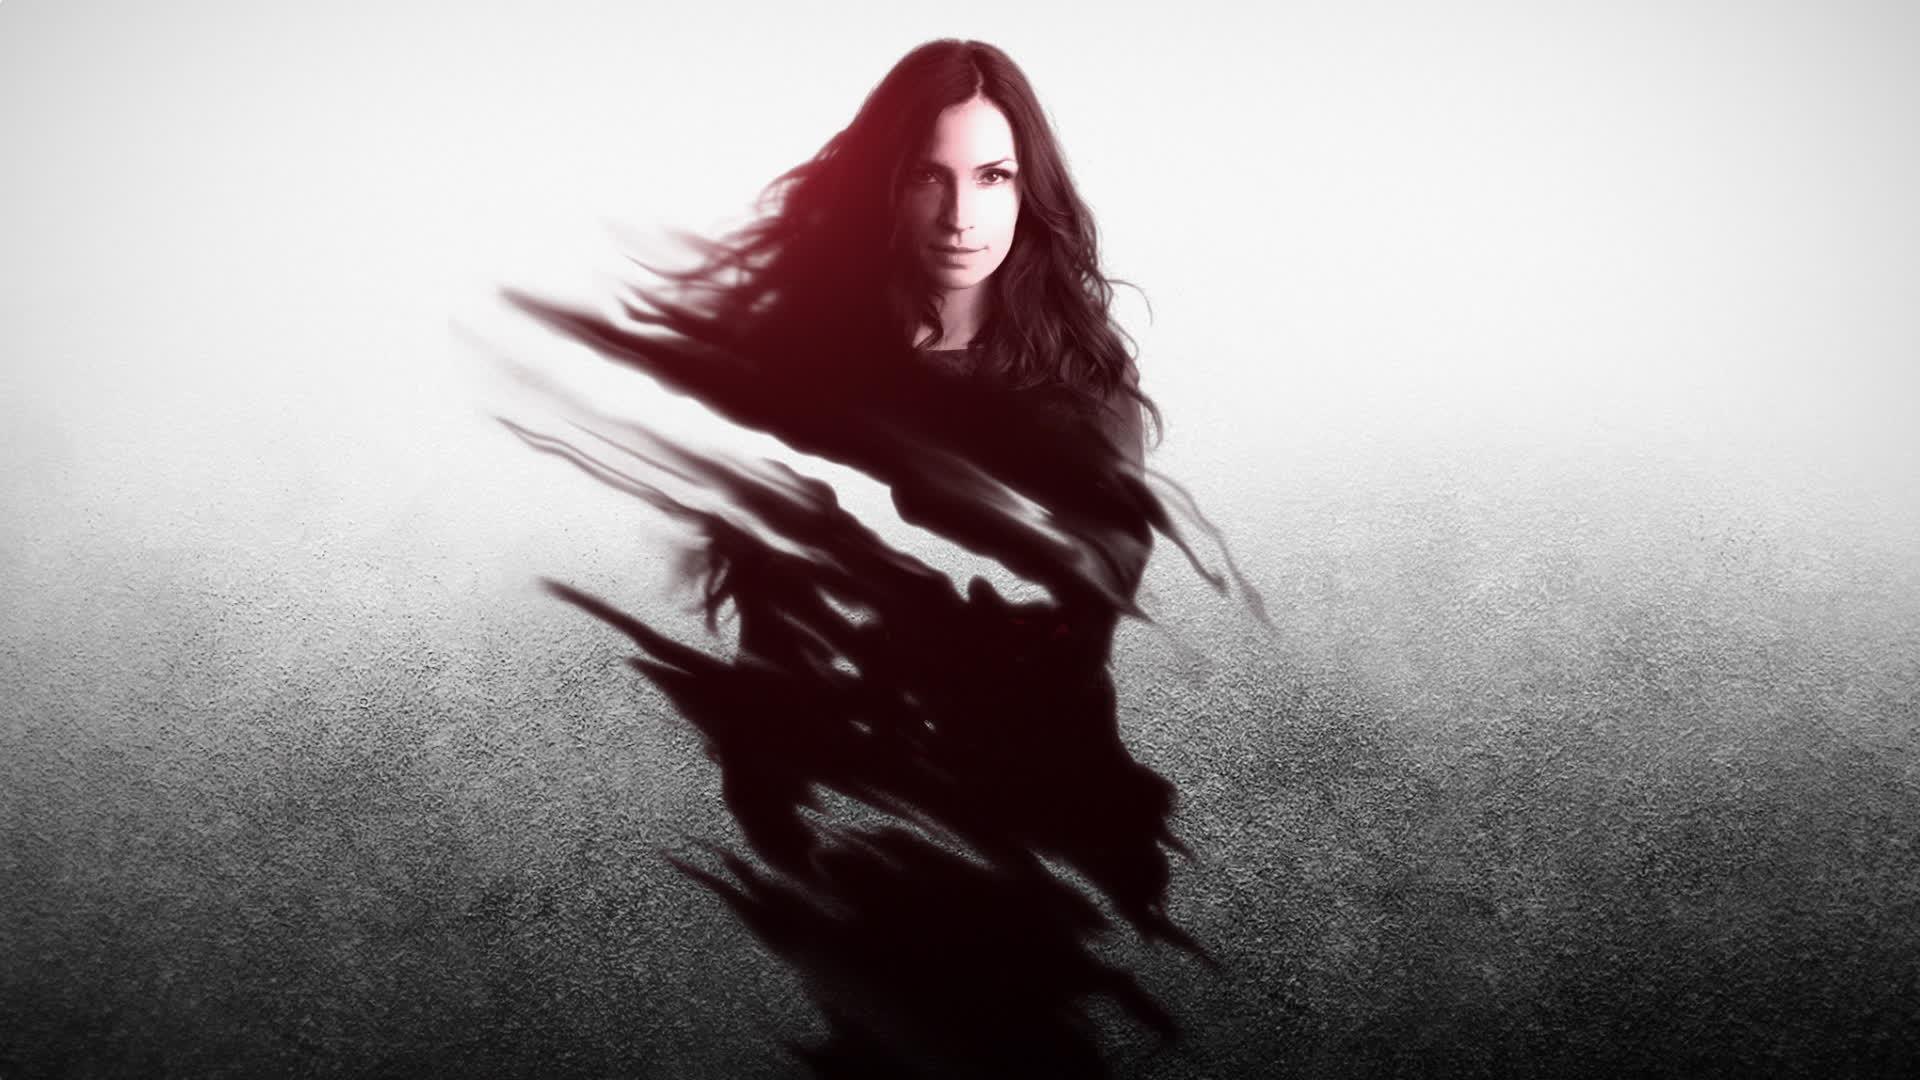 Hemlock Grove Season 2 Teaser